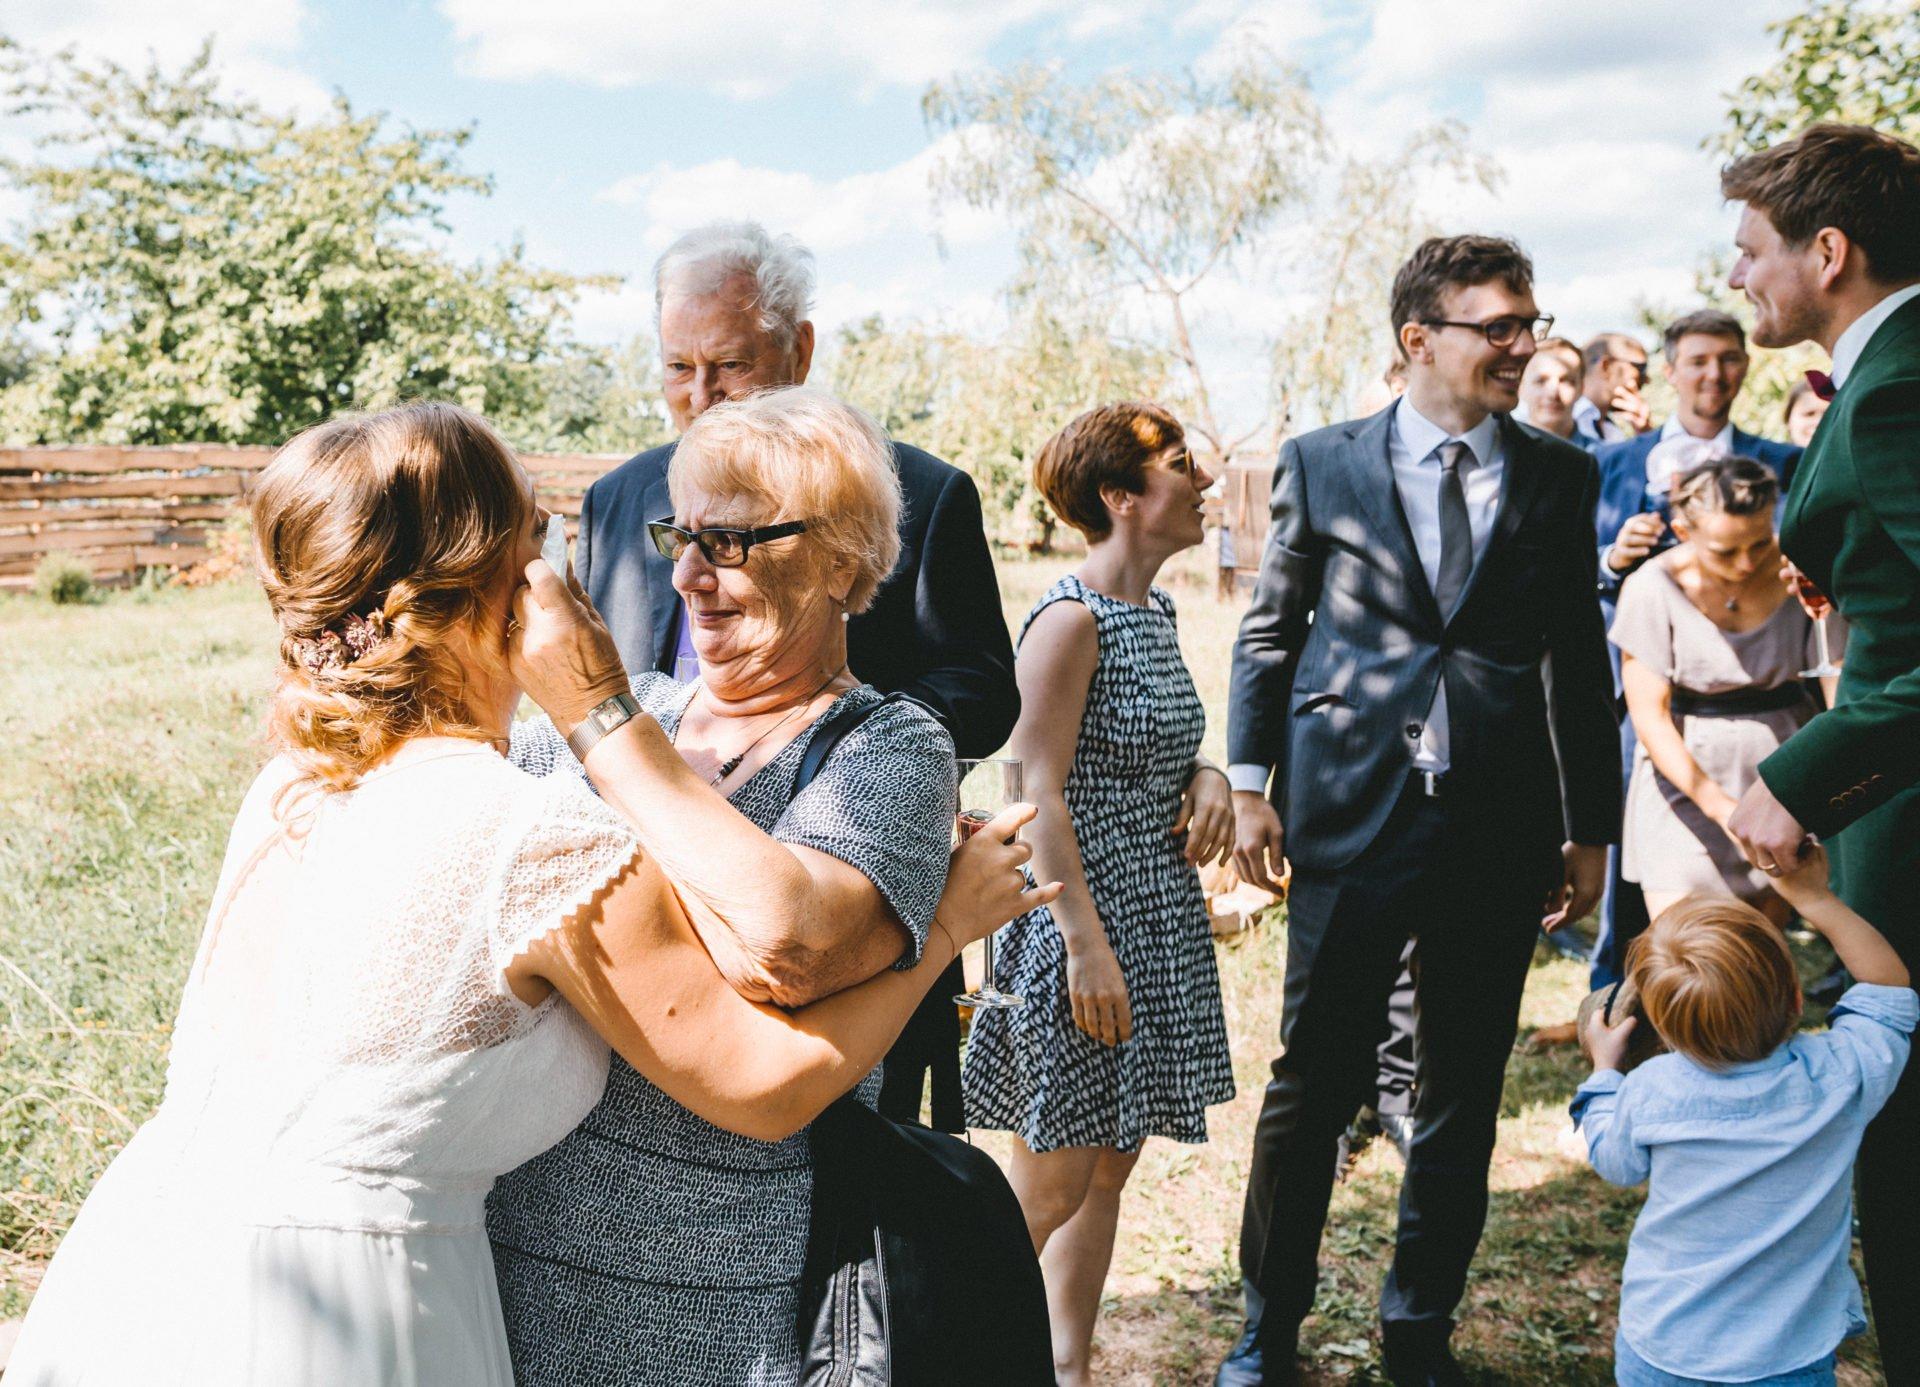 50mmfreunde Berlin Hochzeit 049 1920x1387 - Sommerhochzeit in dem Vierseithofcafé im Berliner Umland